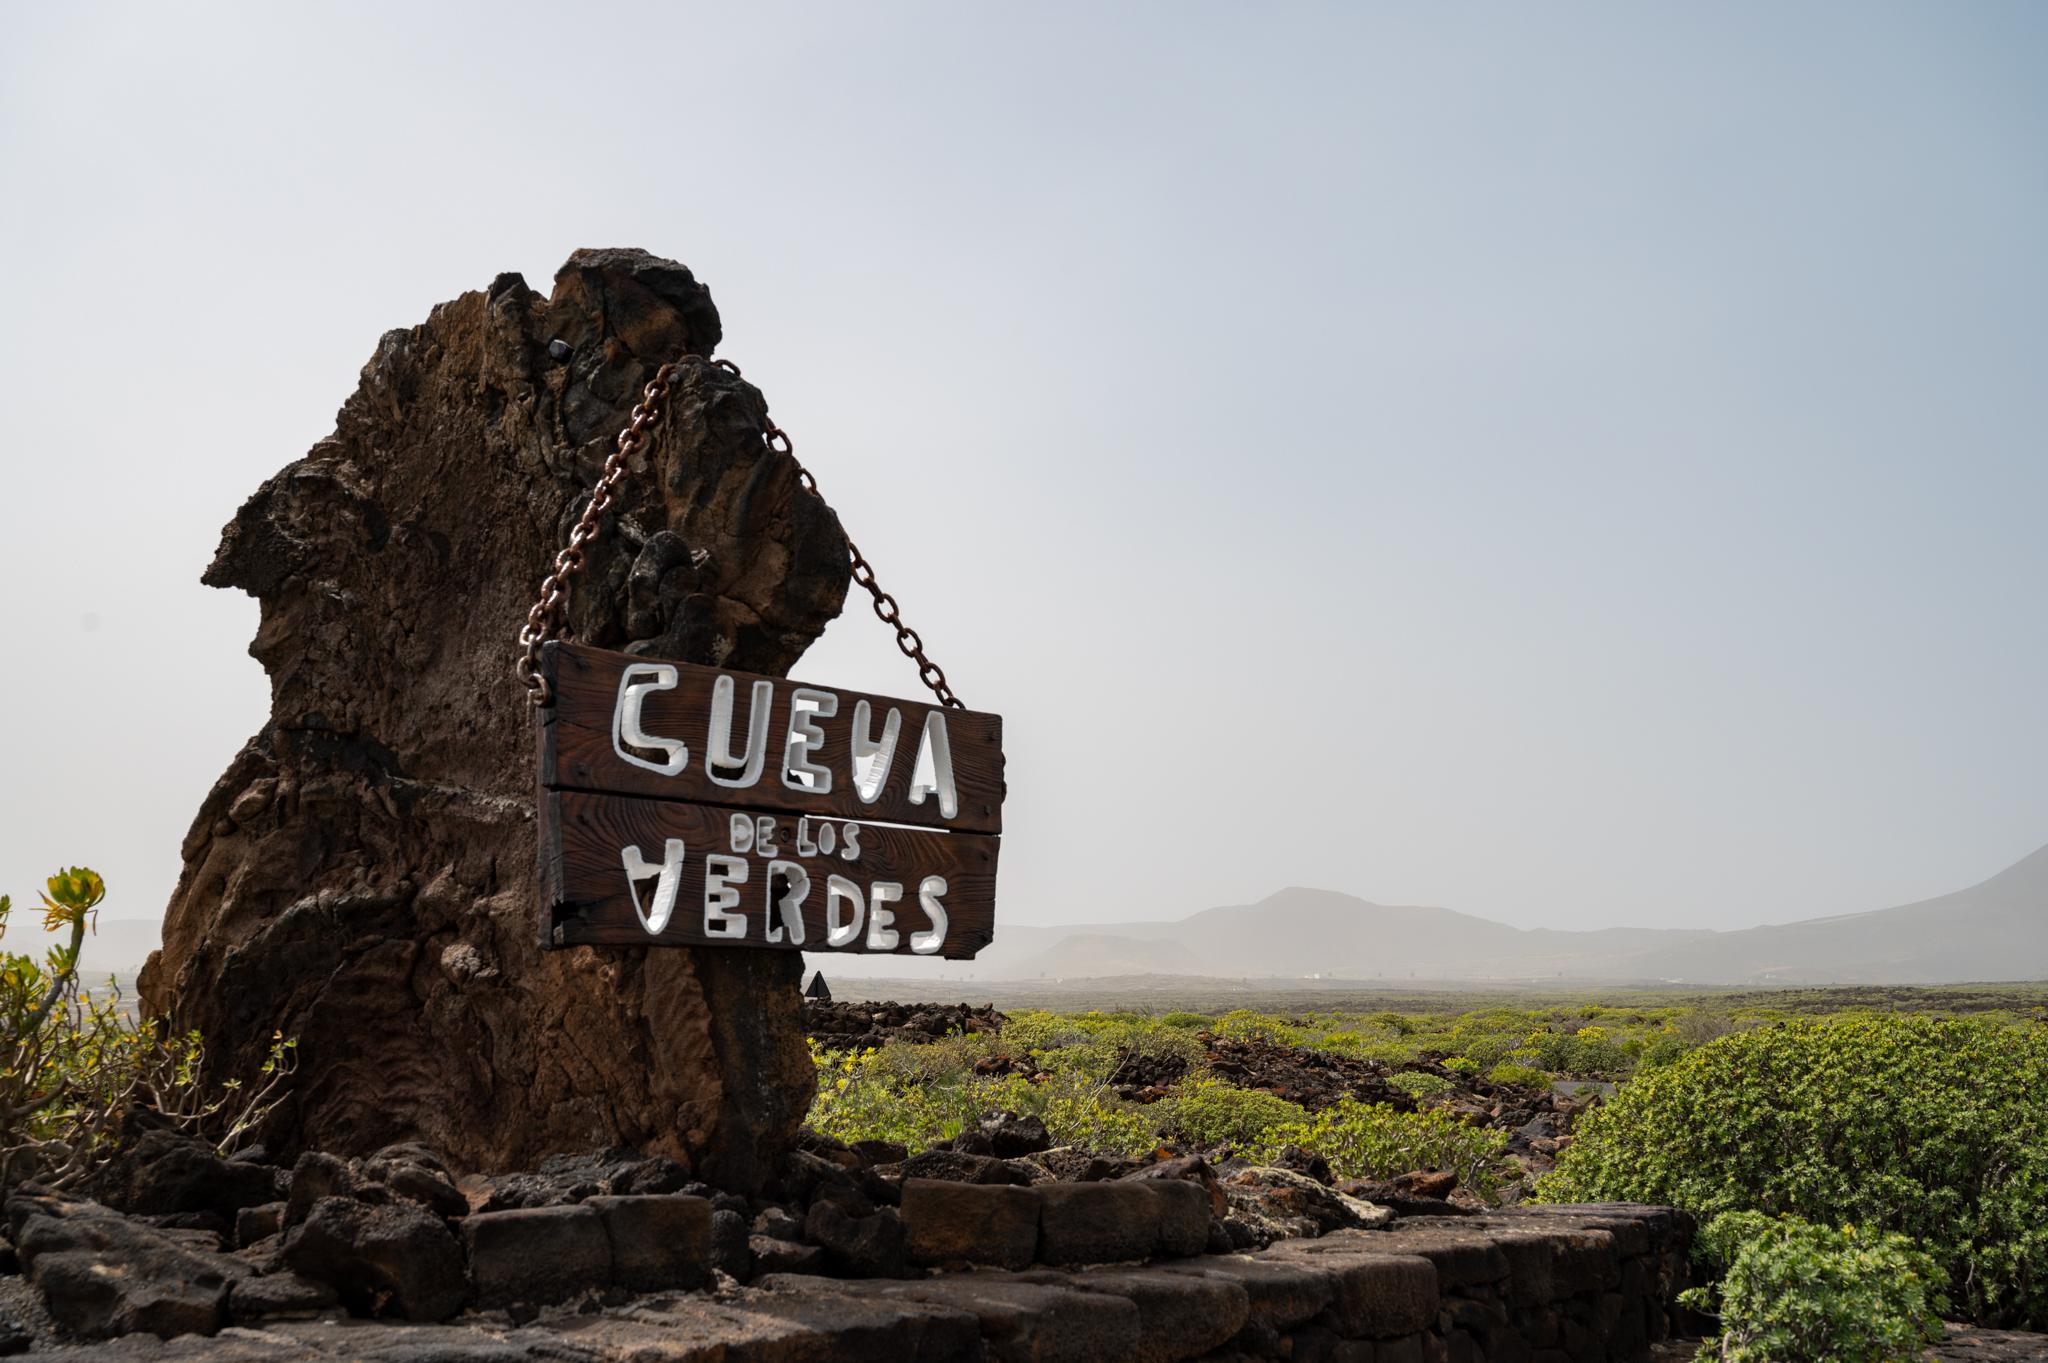 Eingang zur Cueva de los Verdes